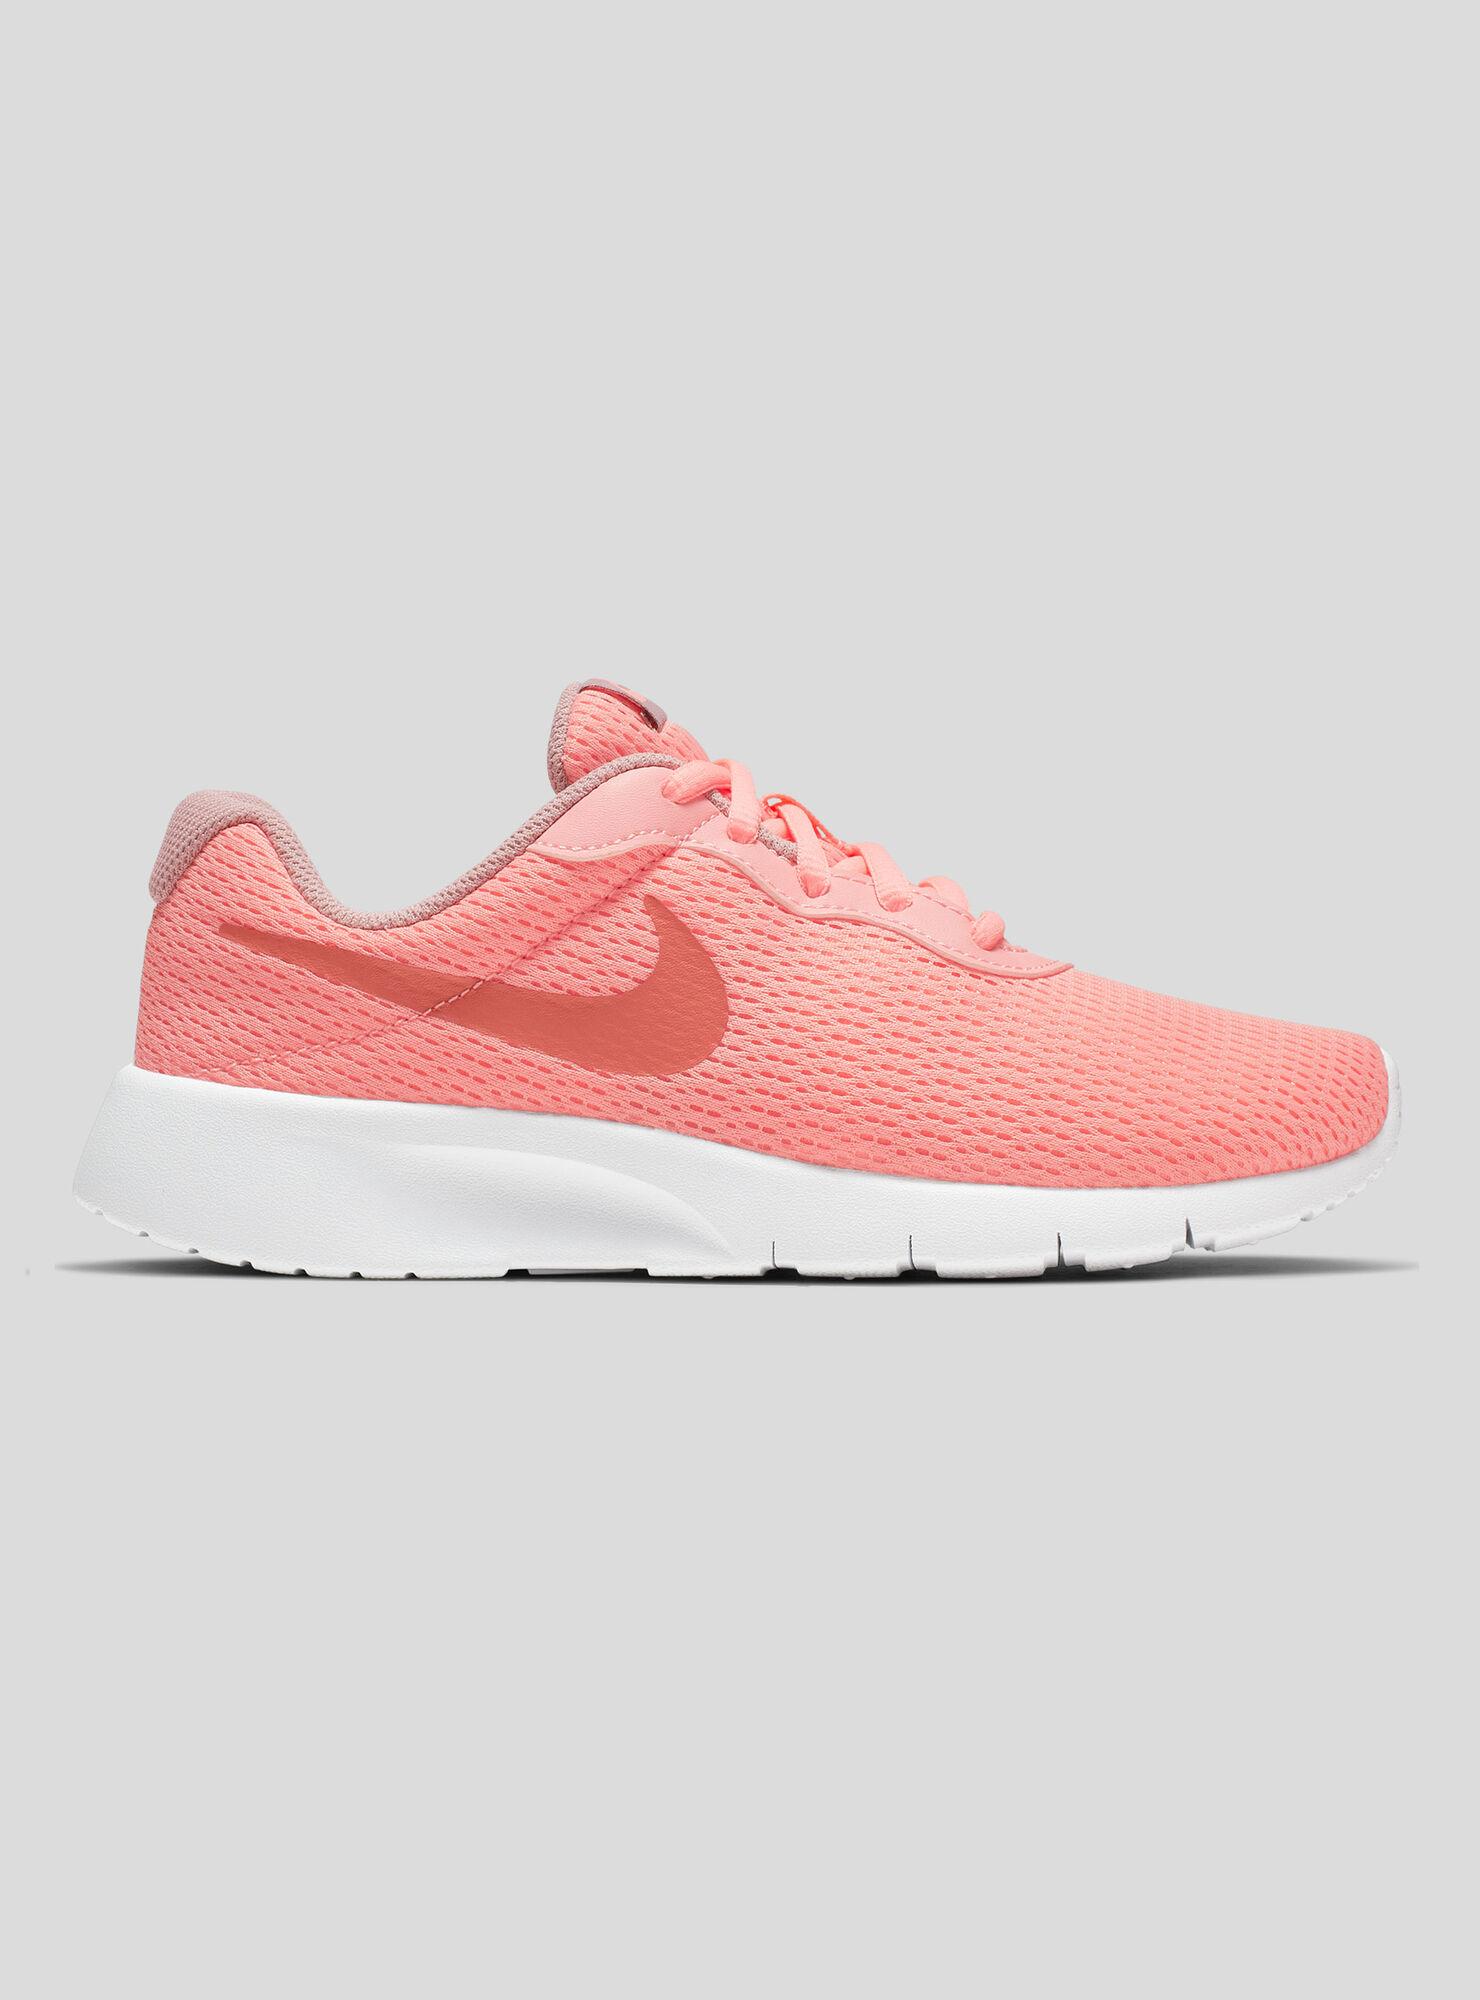 revisa diseño de calidad varios colores Zapatilla Nike Running Tanjun Girl Shoe Niña